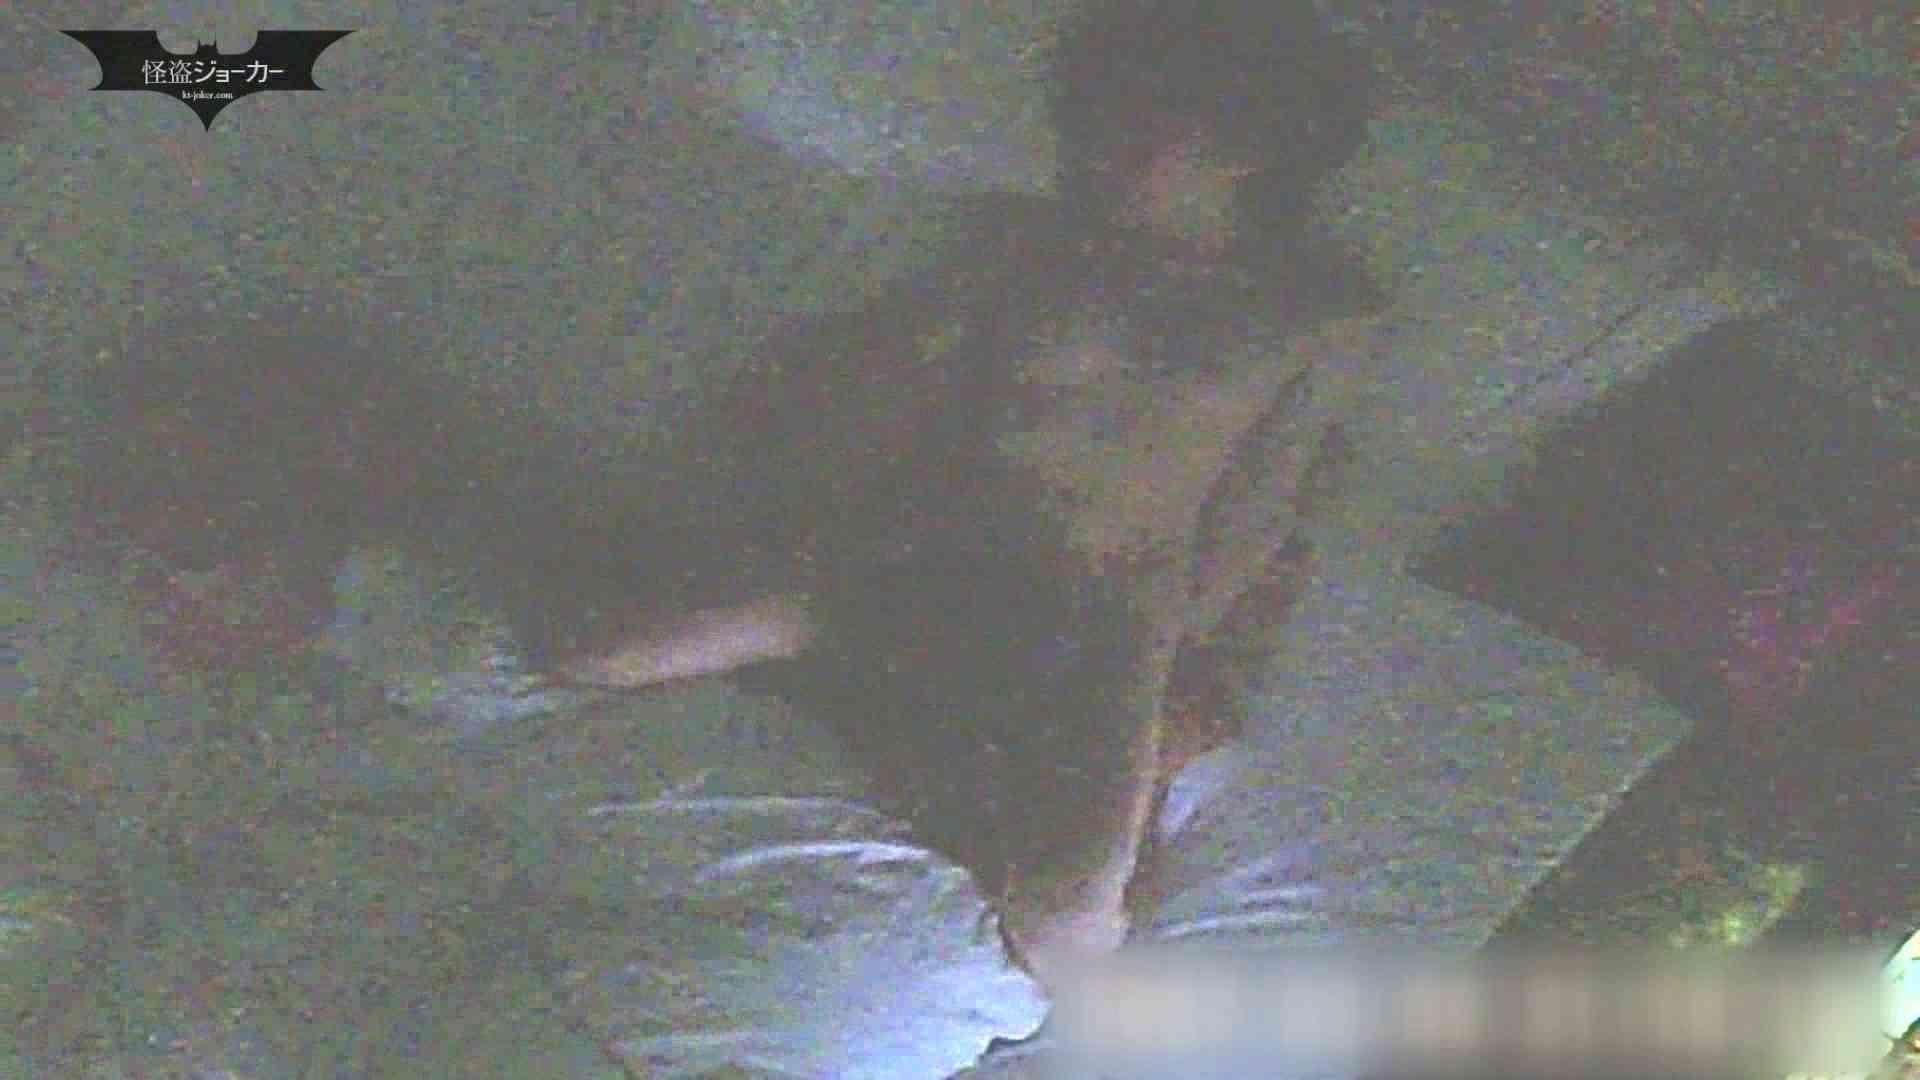 (注)の せっくす  秘密厳守(シリーズ 7人目) Vol.46 細身体型 オメコ動画キャプチャ 79枚 60